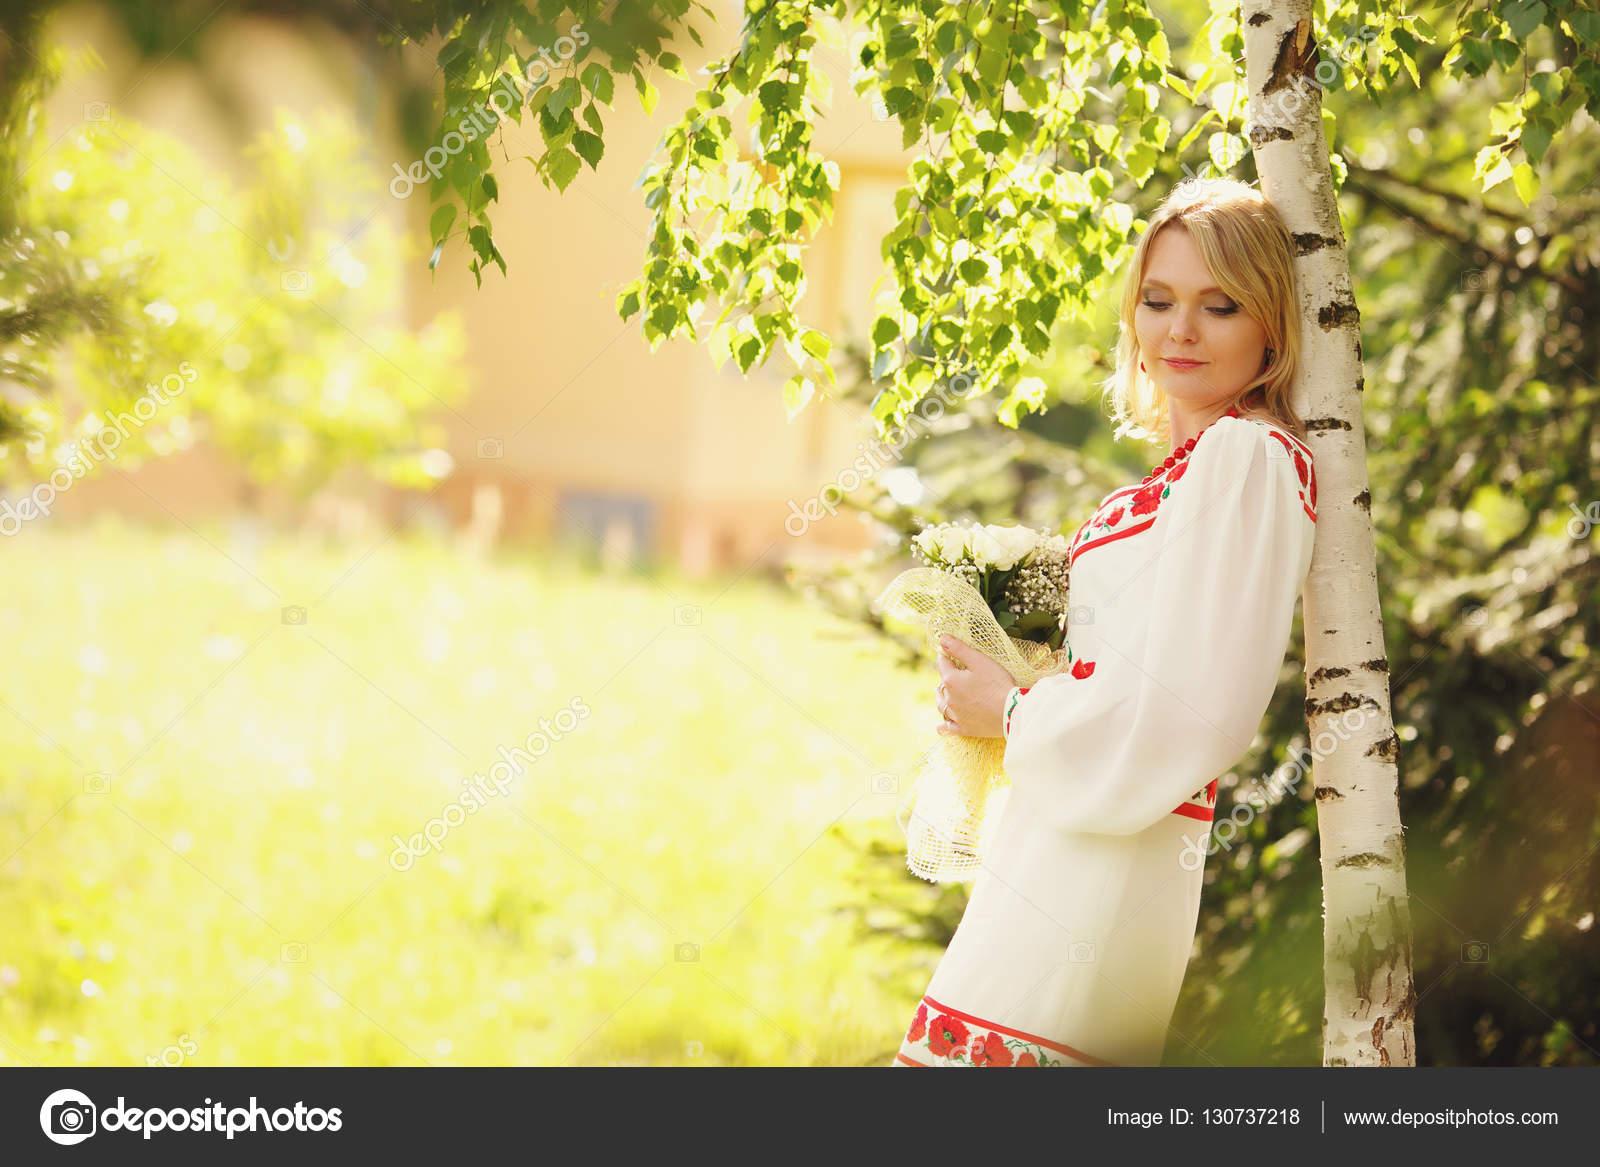 Наречена одягнений у біле плаття з маками нахиляється до за береза у парку  — Фото від ivash b81c6c2a8e44a